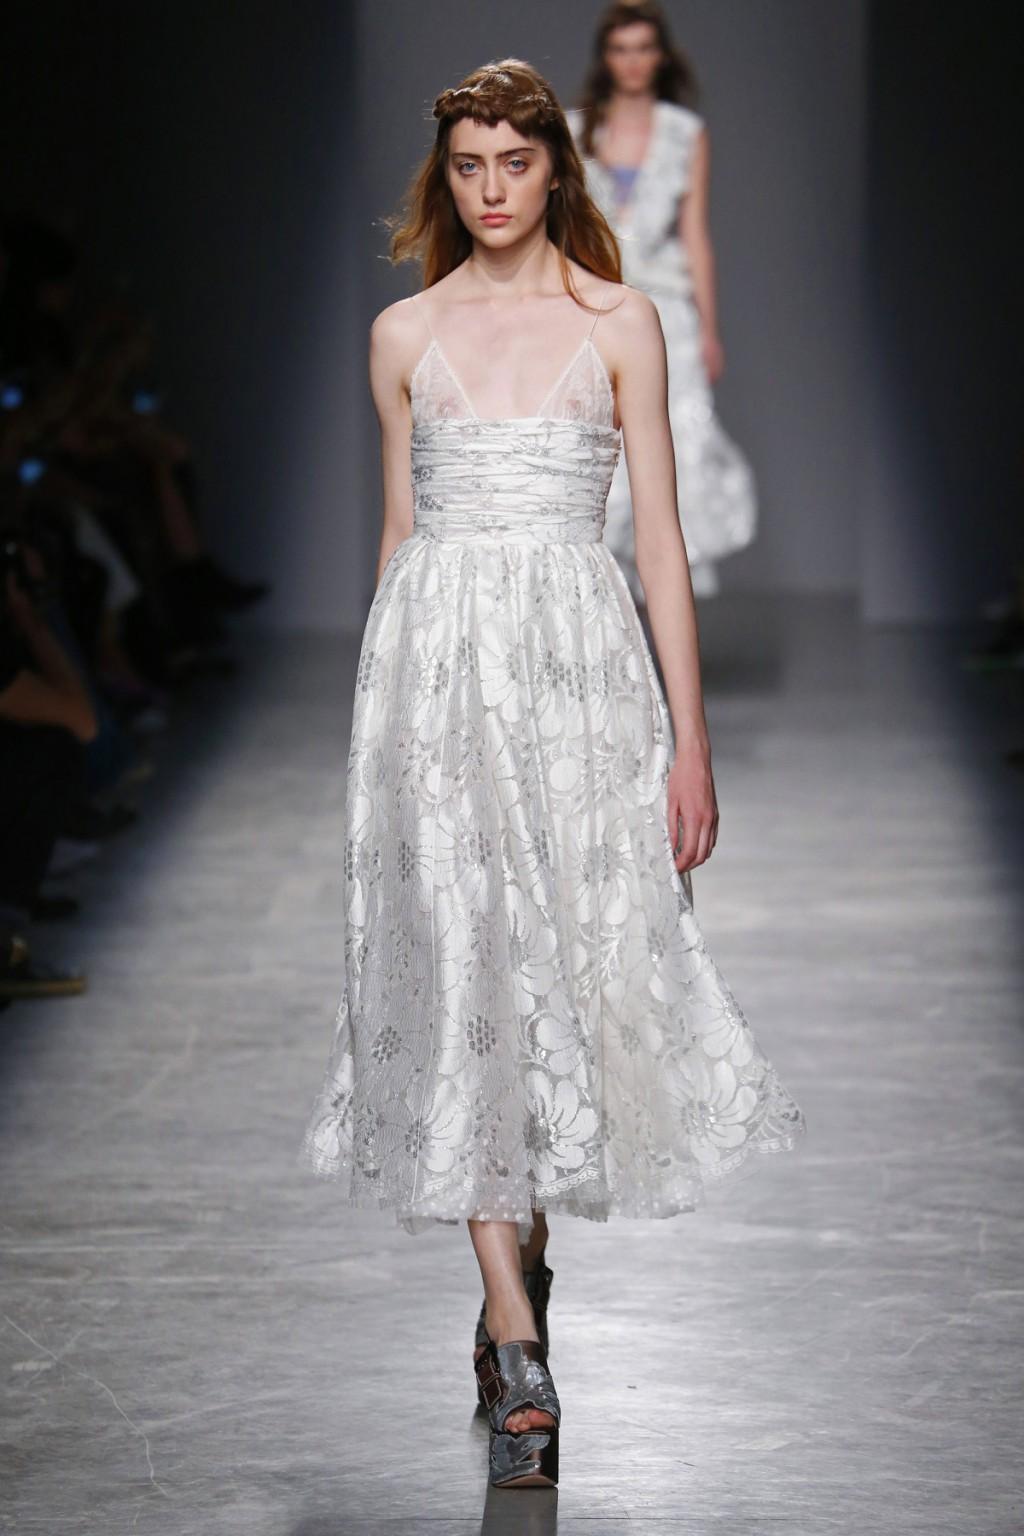 Bên cạnh đó, những chiếc váy ren nữ tính cũng góp phần tạo nên BST ấn tượng từ Rochas